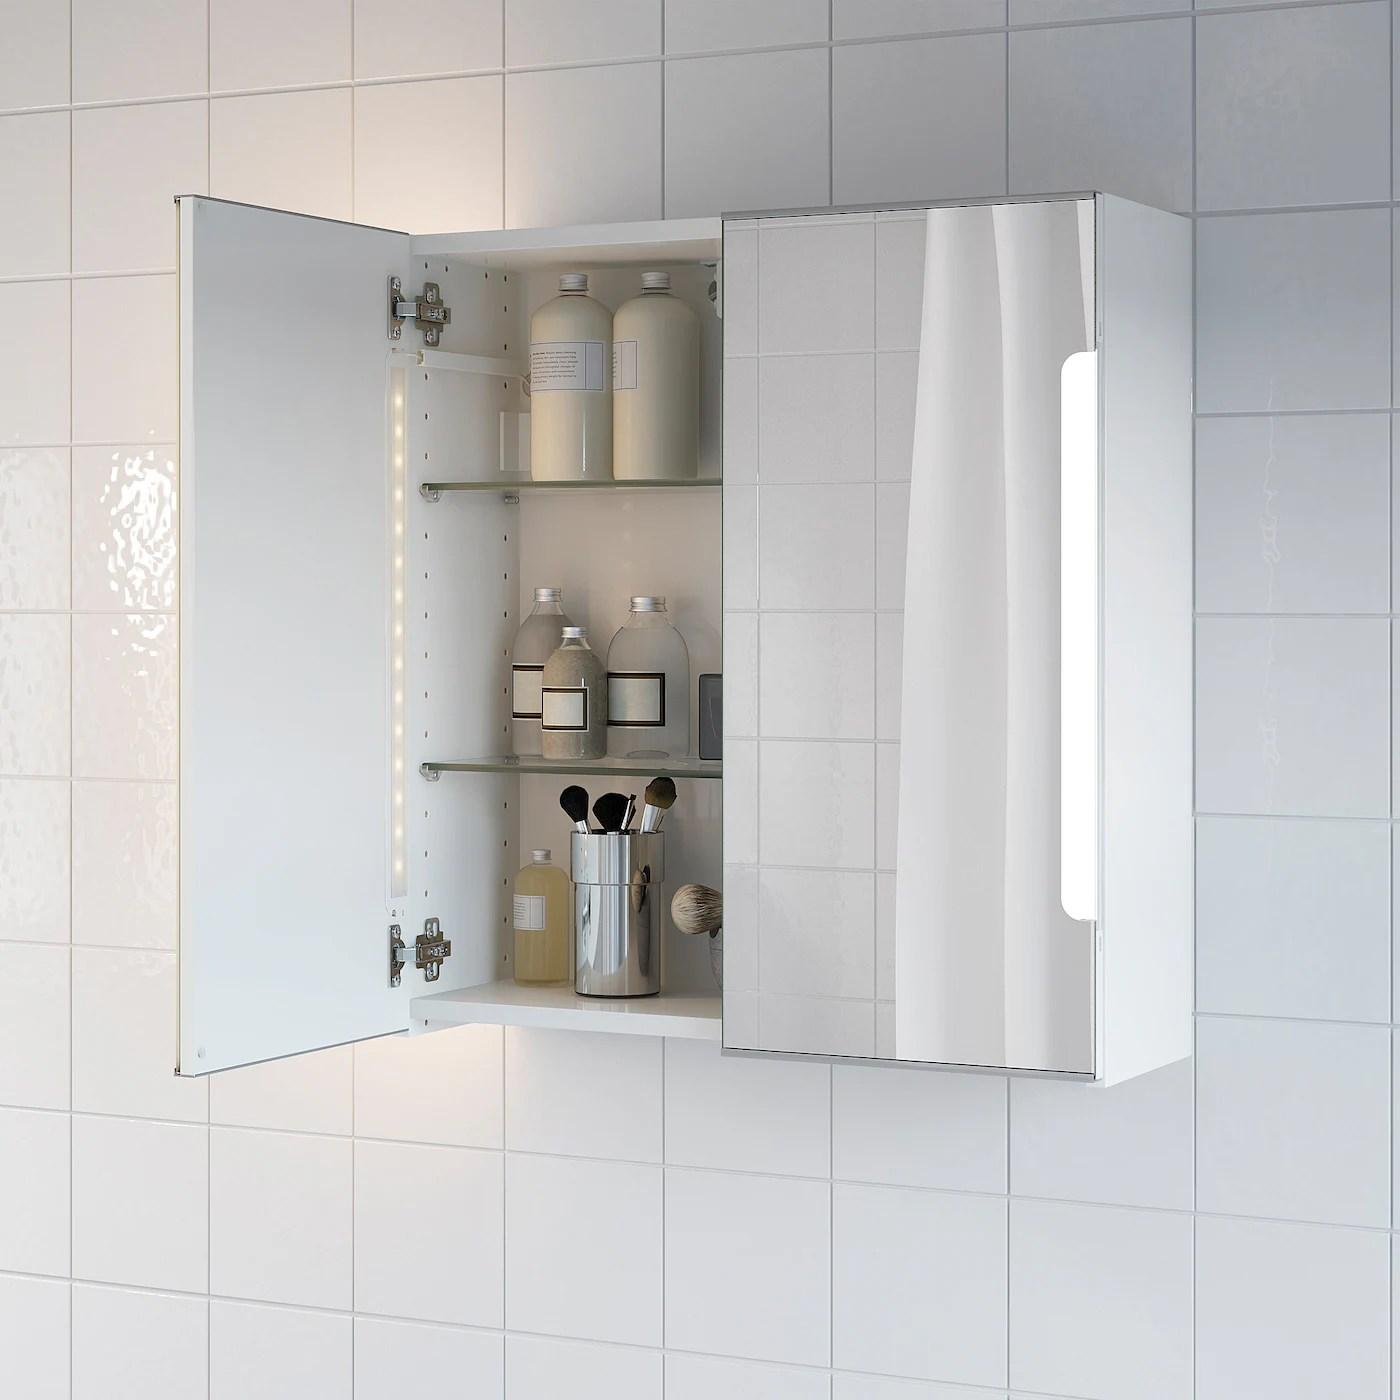 Storjorm Element Miroir 2ptes Eclairage Int Blanc 60x21x64 Cm Ikea